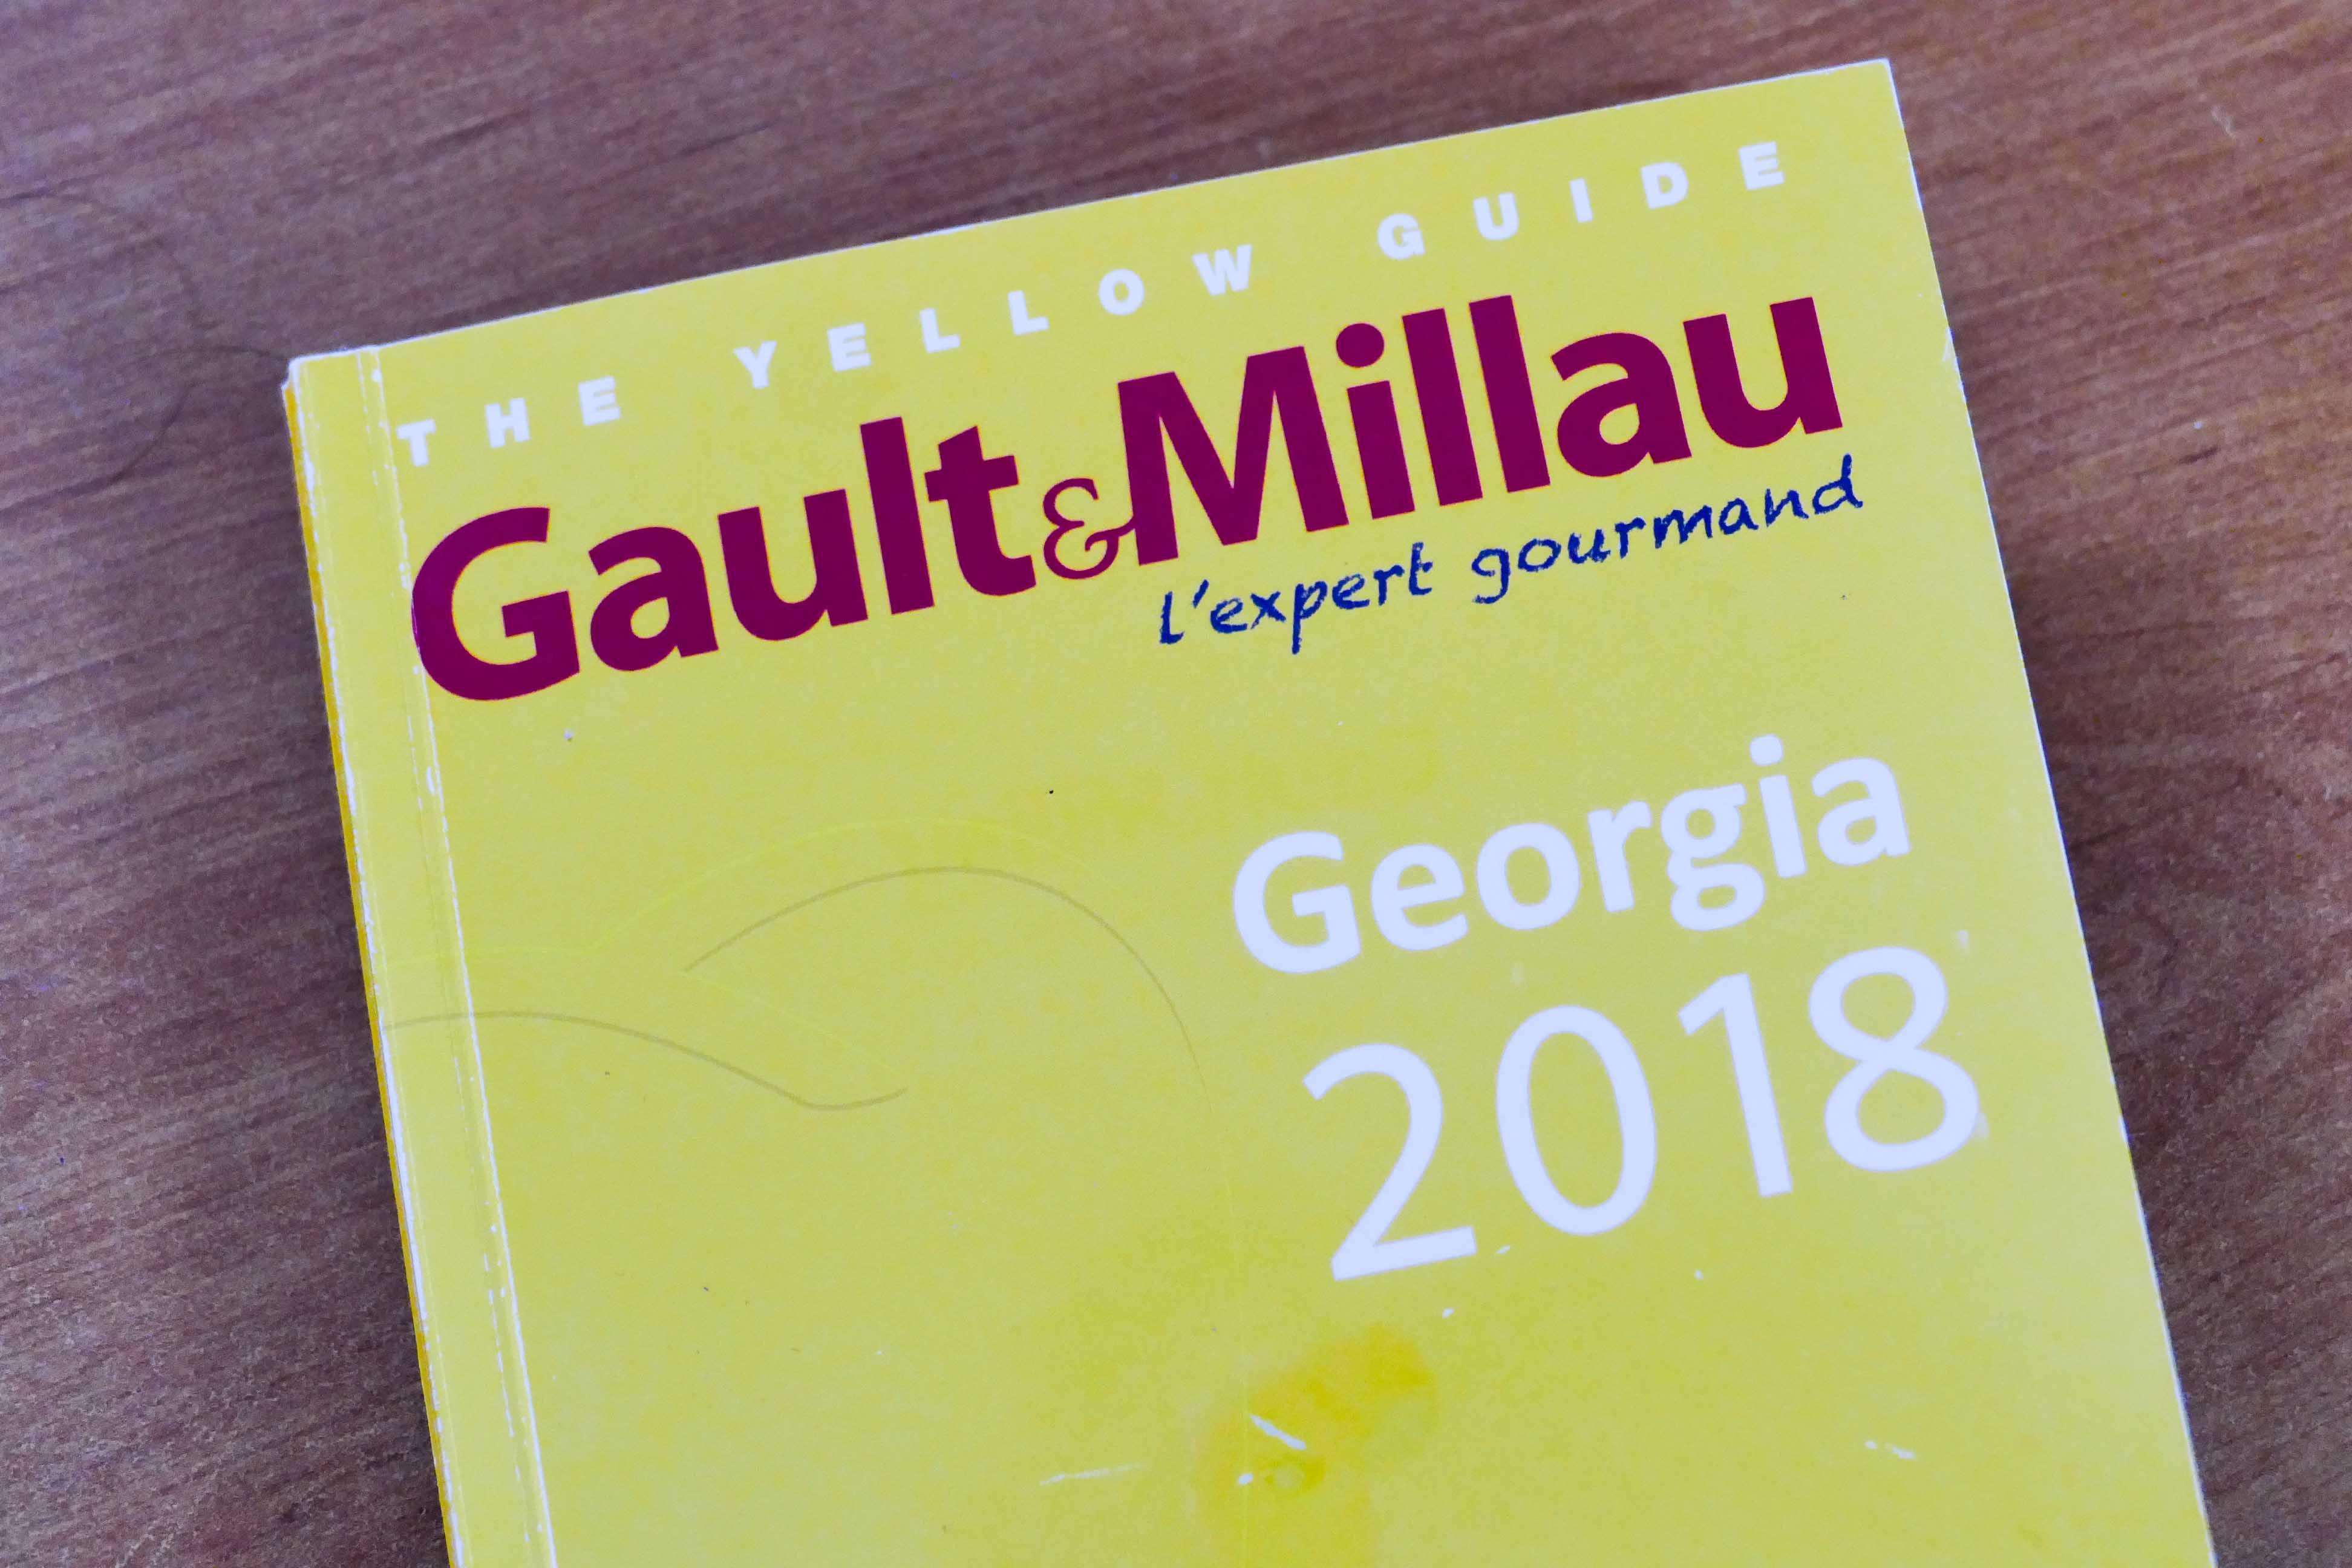 Gastronomie en Géorgie avec quelques adresses de restaurants